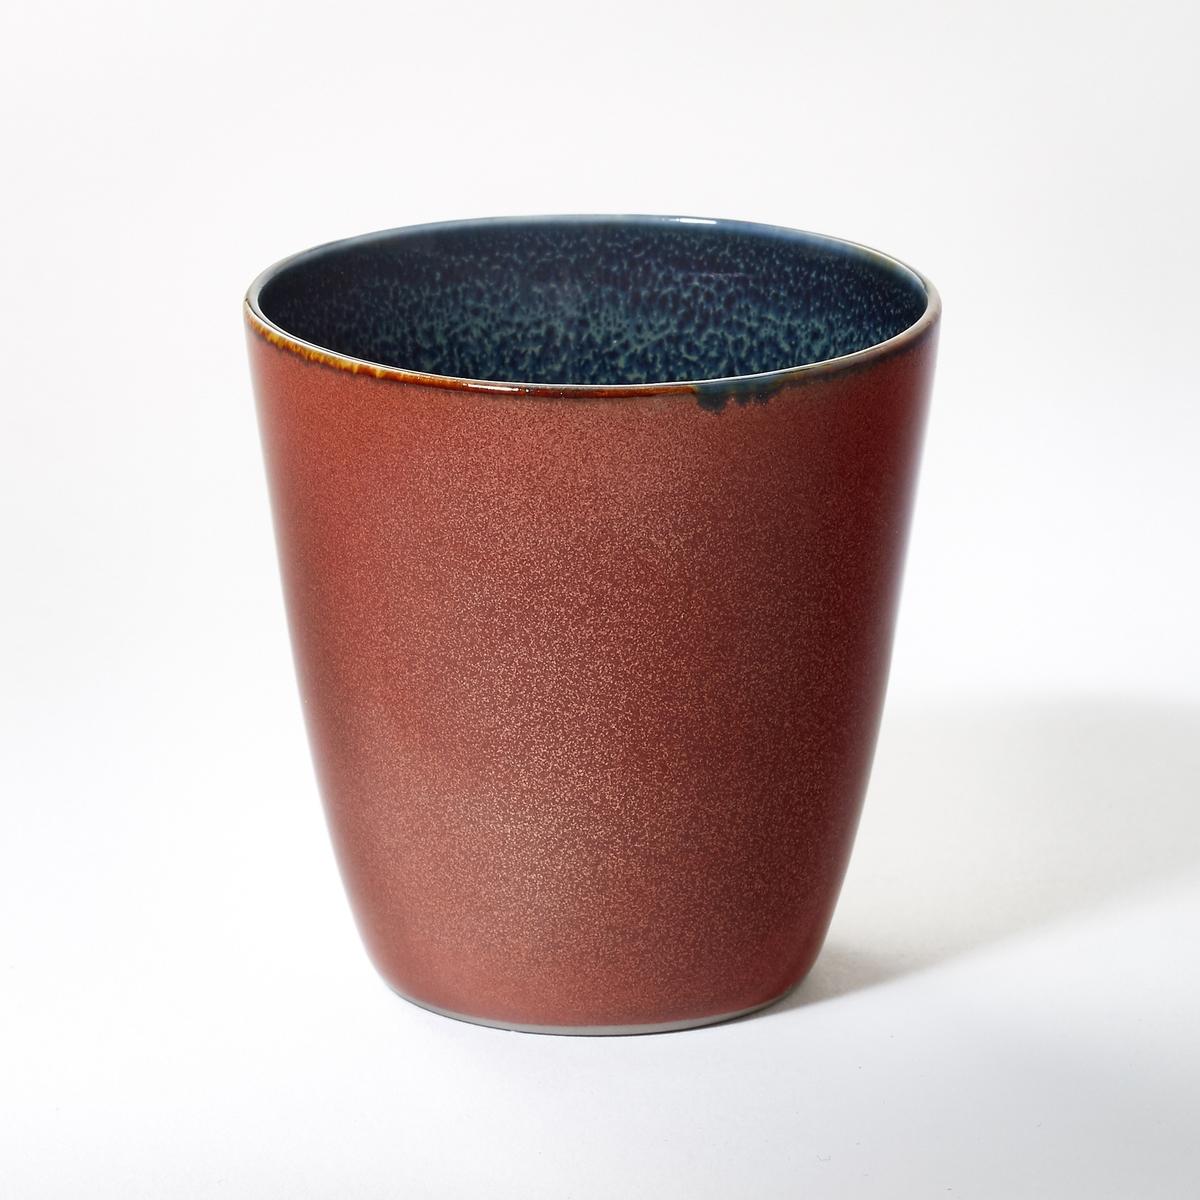 Стакан из керамики, высота 7,5 см, BanokaСтакан из керамики, покрытой глазурью, Banoka придаст Вашему интерьеру ярких цветов и перенесет Ваших гостей в мечту. Размеры  : диаметр 7 x высота 7,5 см.<br><br>Цвет: красный<br>Размер: единый размер